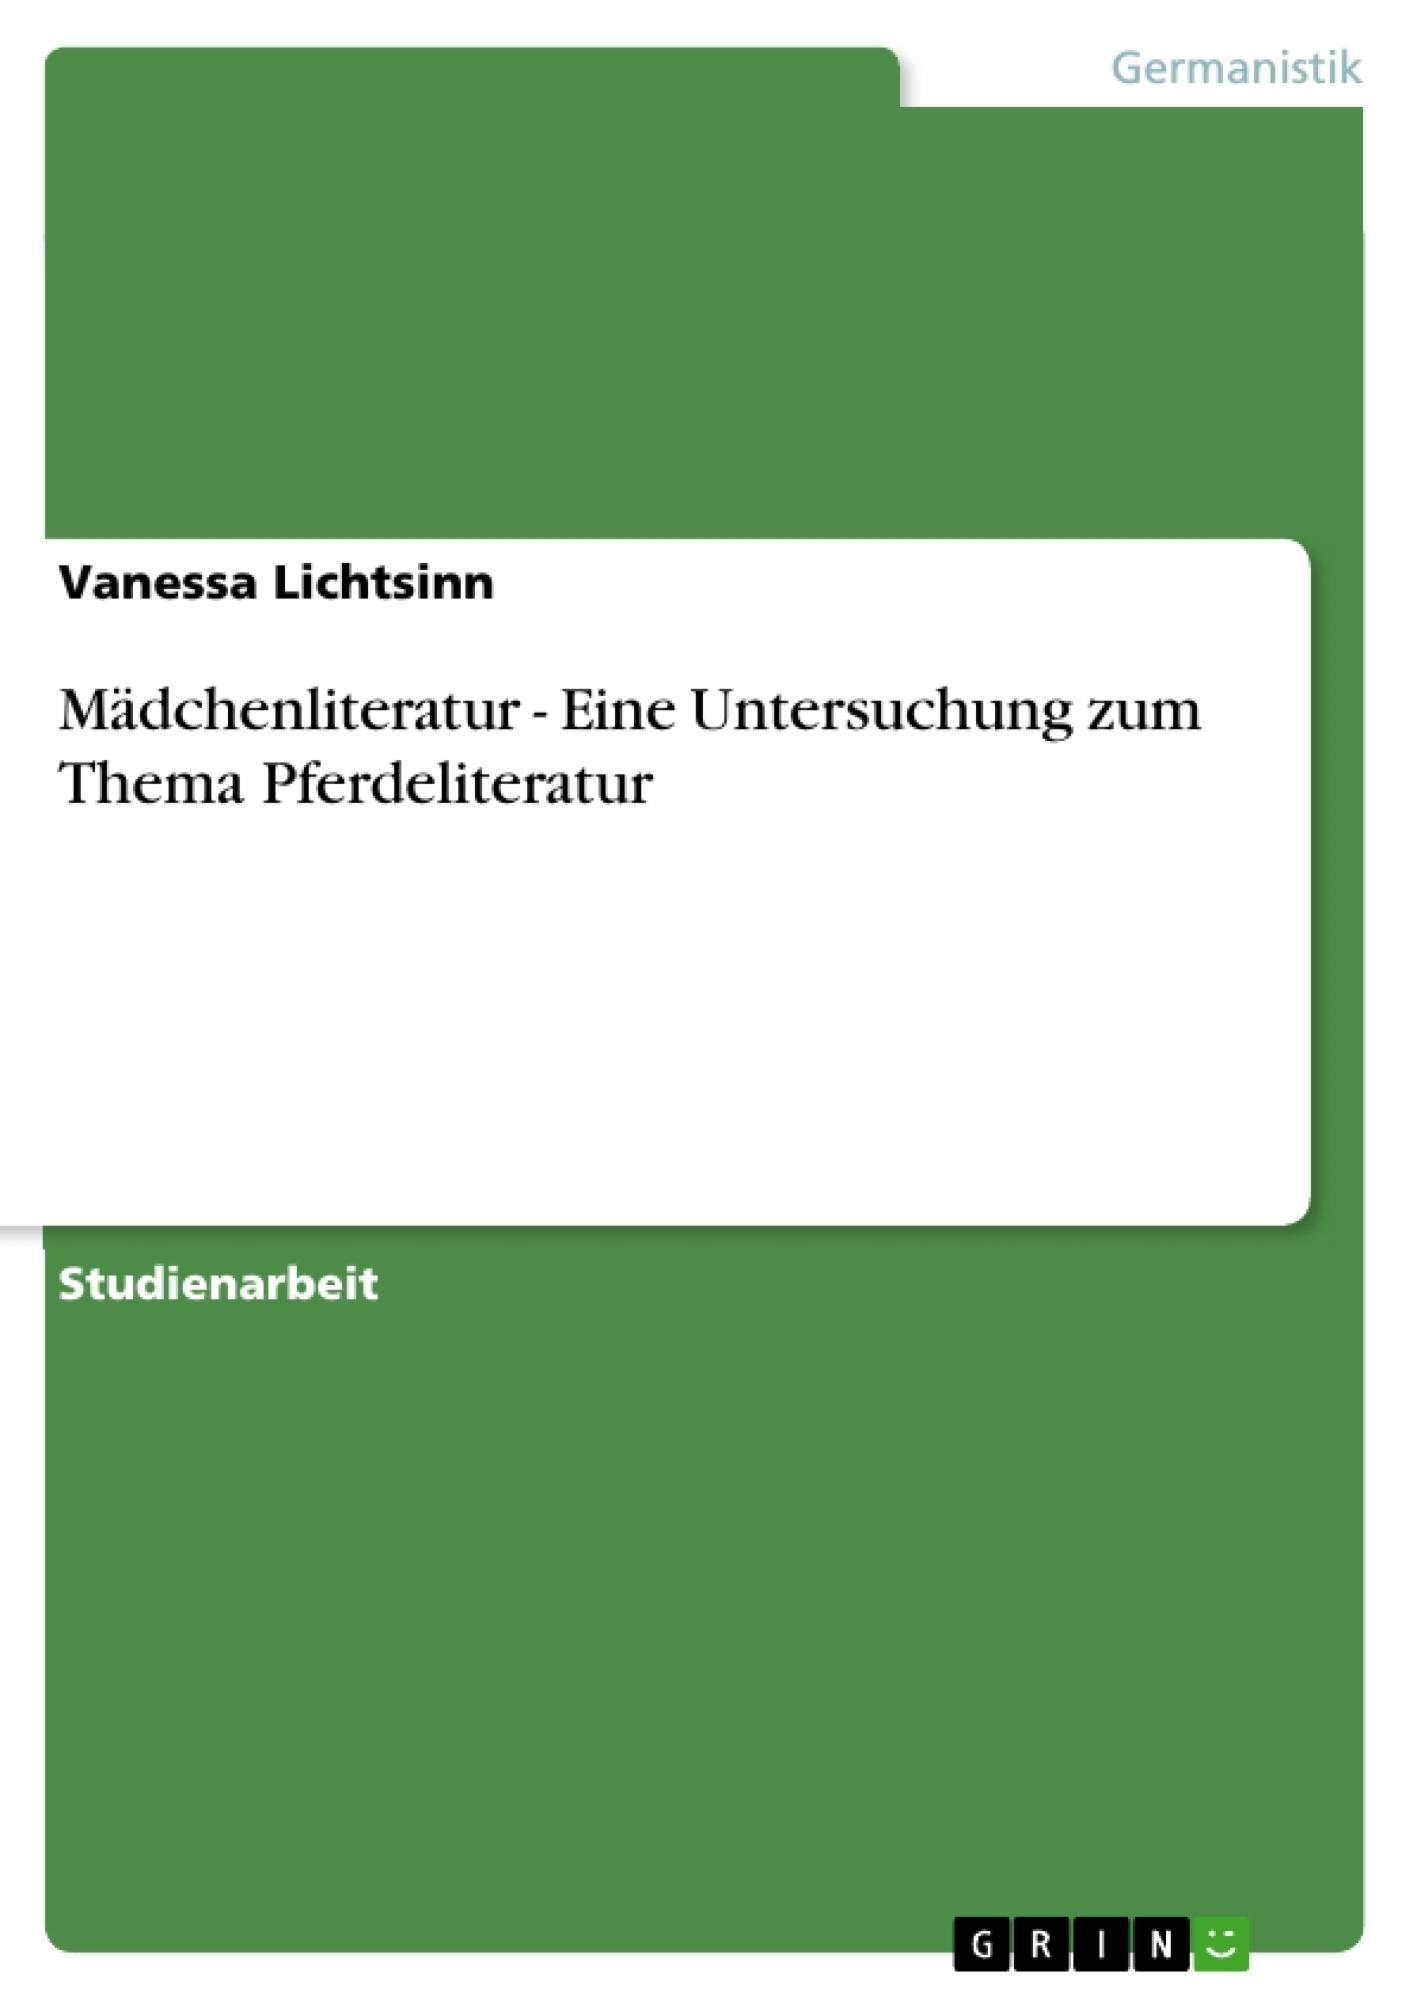 Titel: Mädchenliteratur - Eine Untersuchung zum Thema Pferdeliteratur